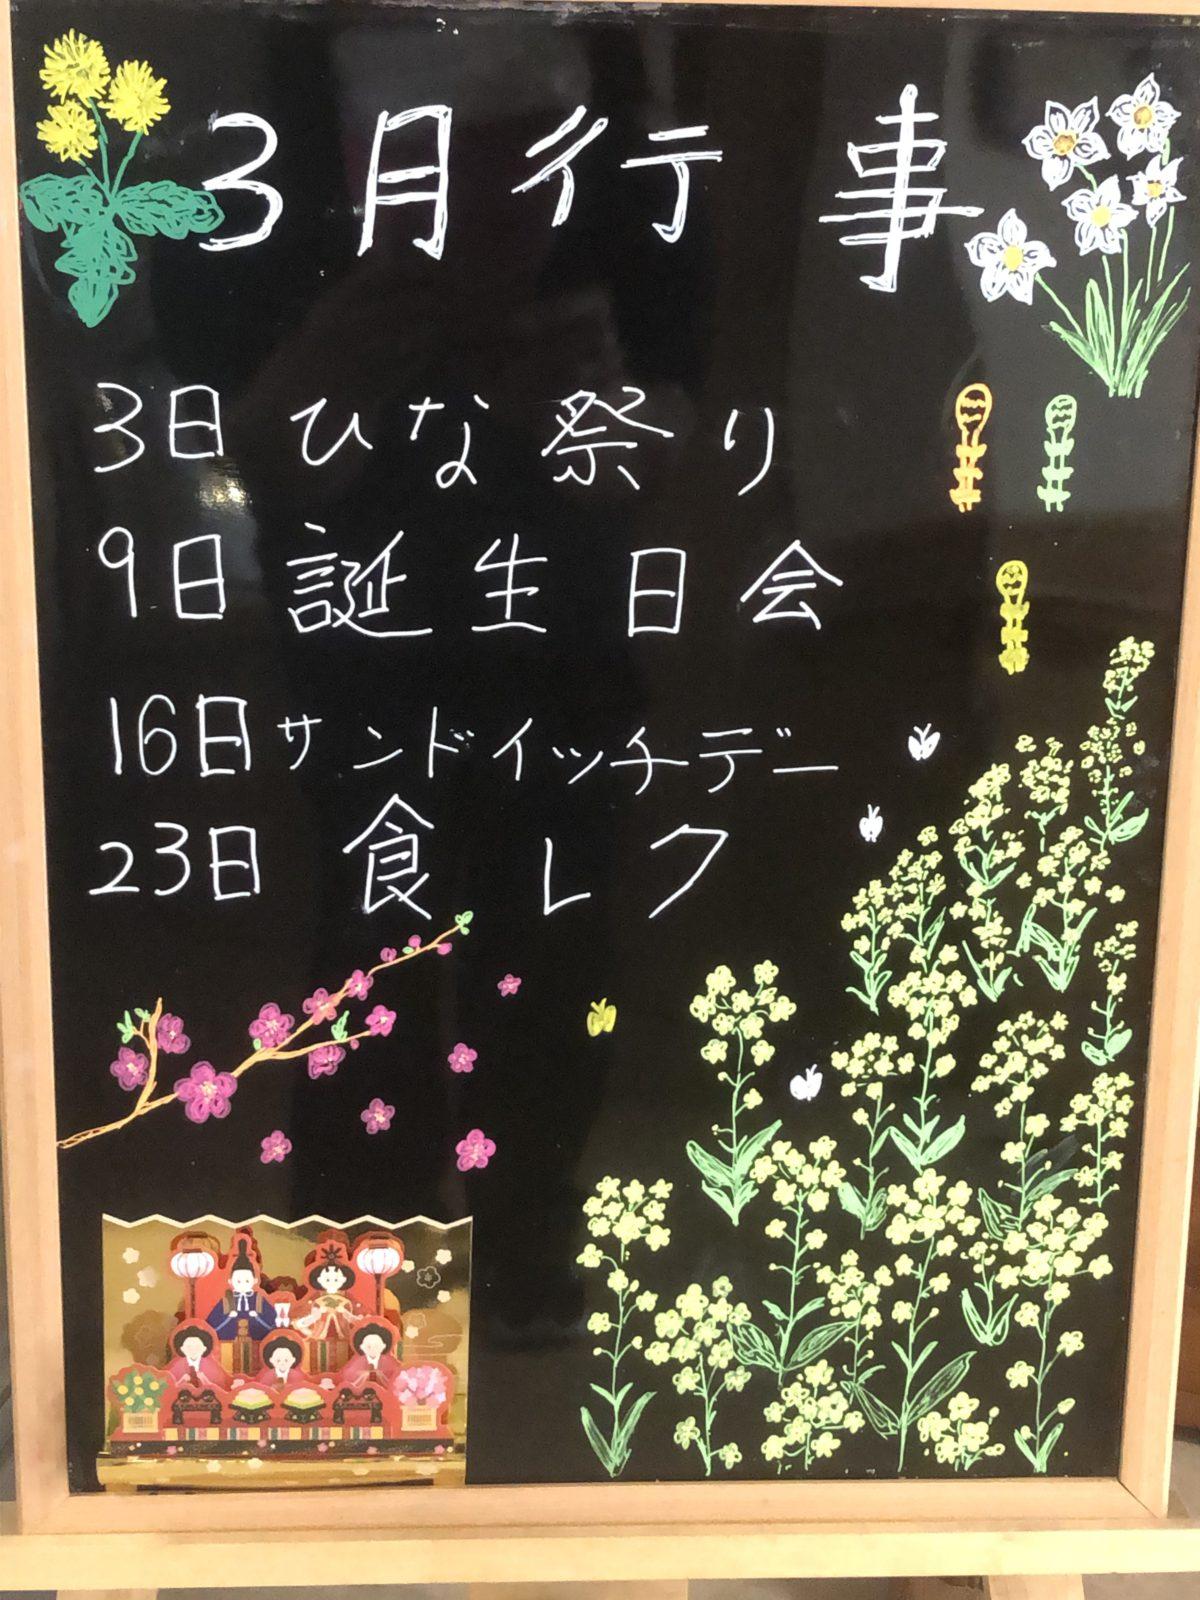 【門真】3月イベント